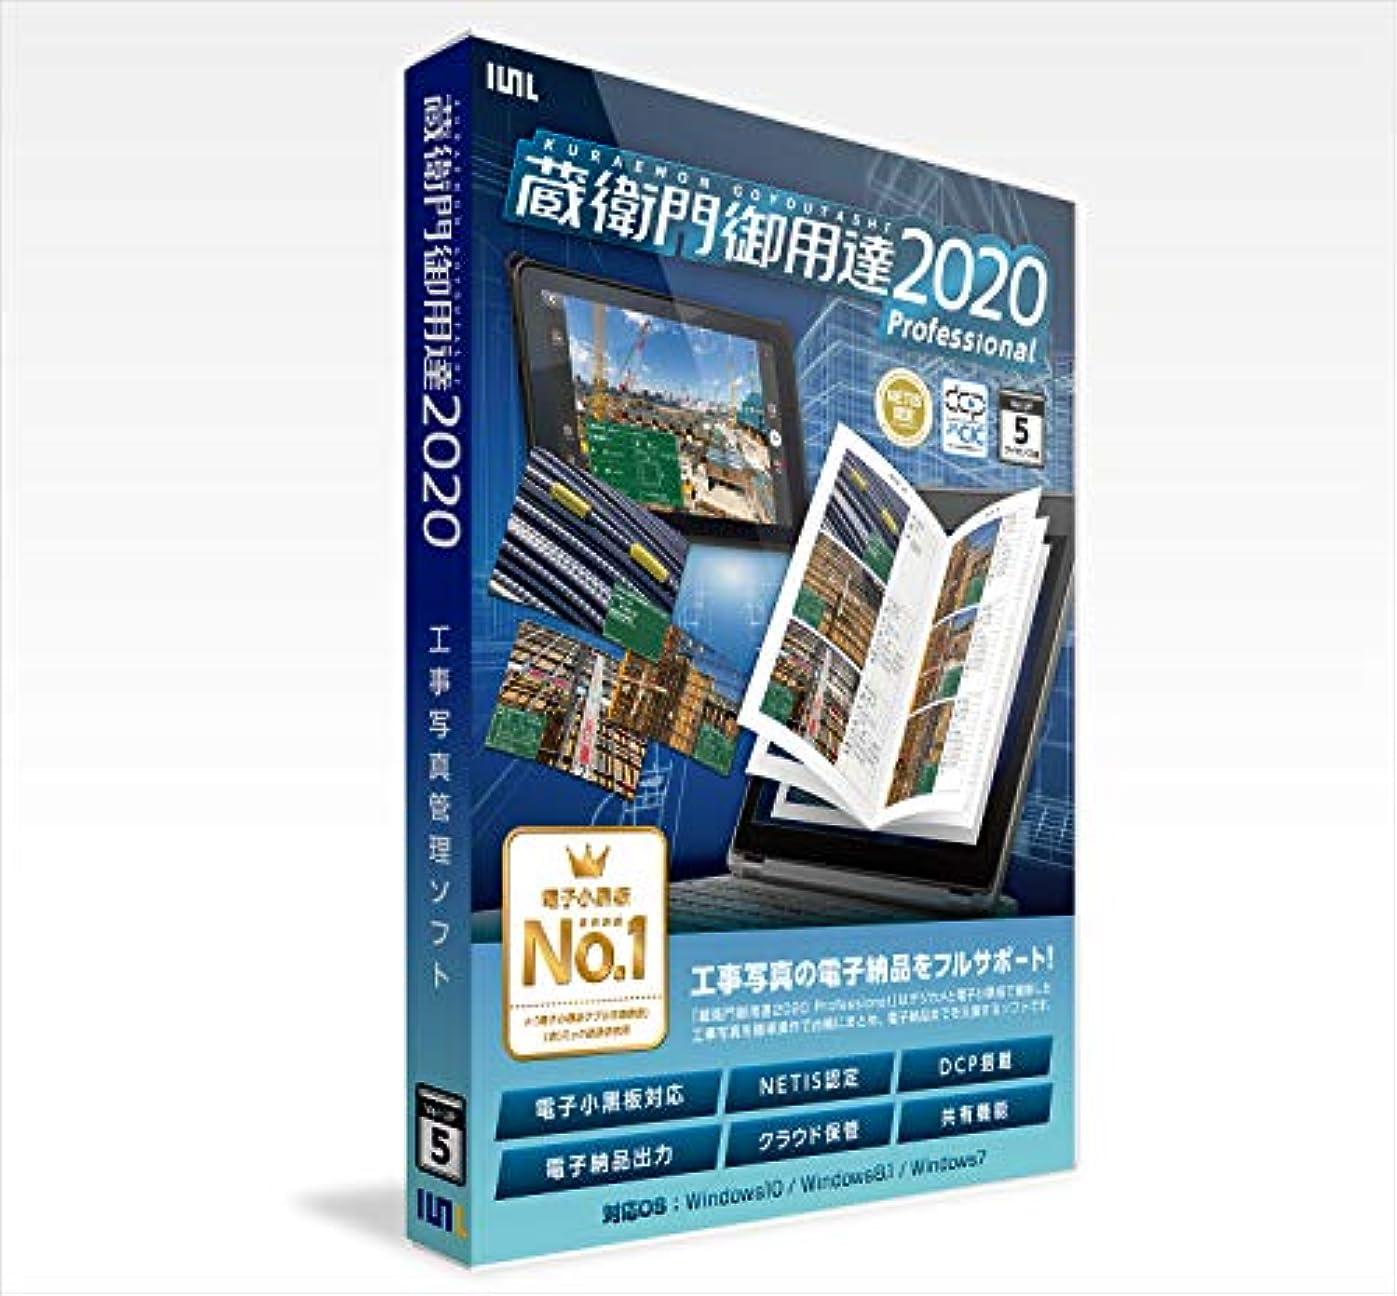 識字アルミニウム空いているルクレ GP20-N1 蔵衛門御用達2020 Professional 1ライセンス版(新規)